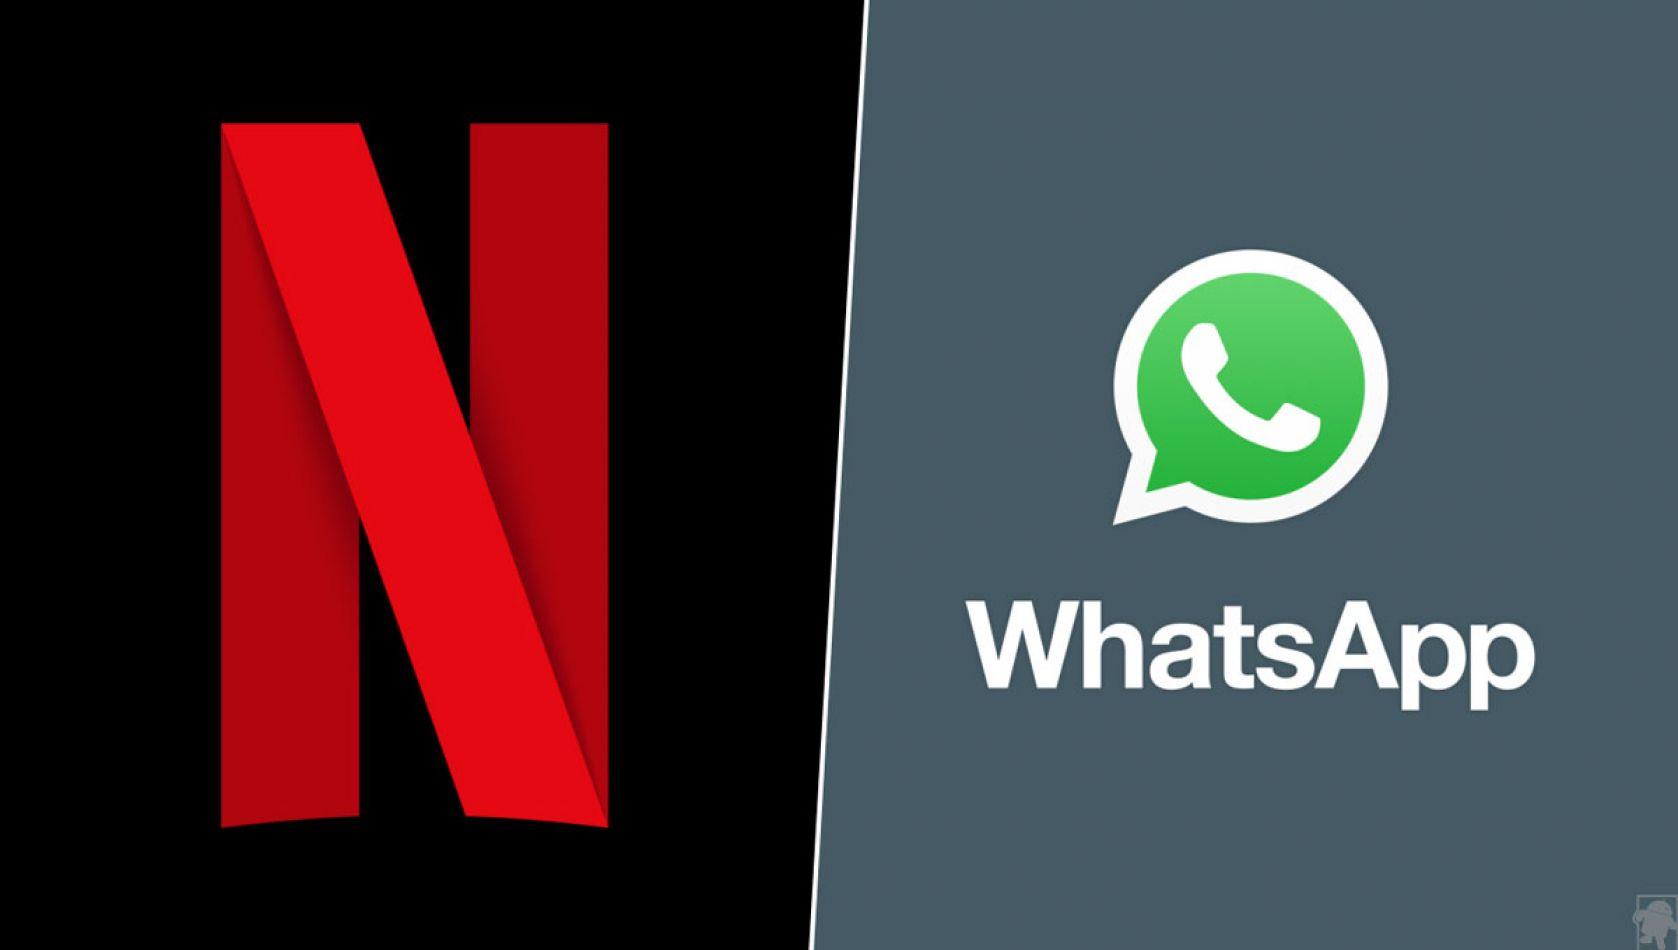 La unión de Netflix y WhatsApp: cómo hacer para ponerlo en funcionamiento